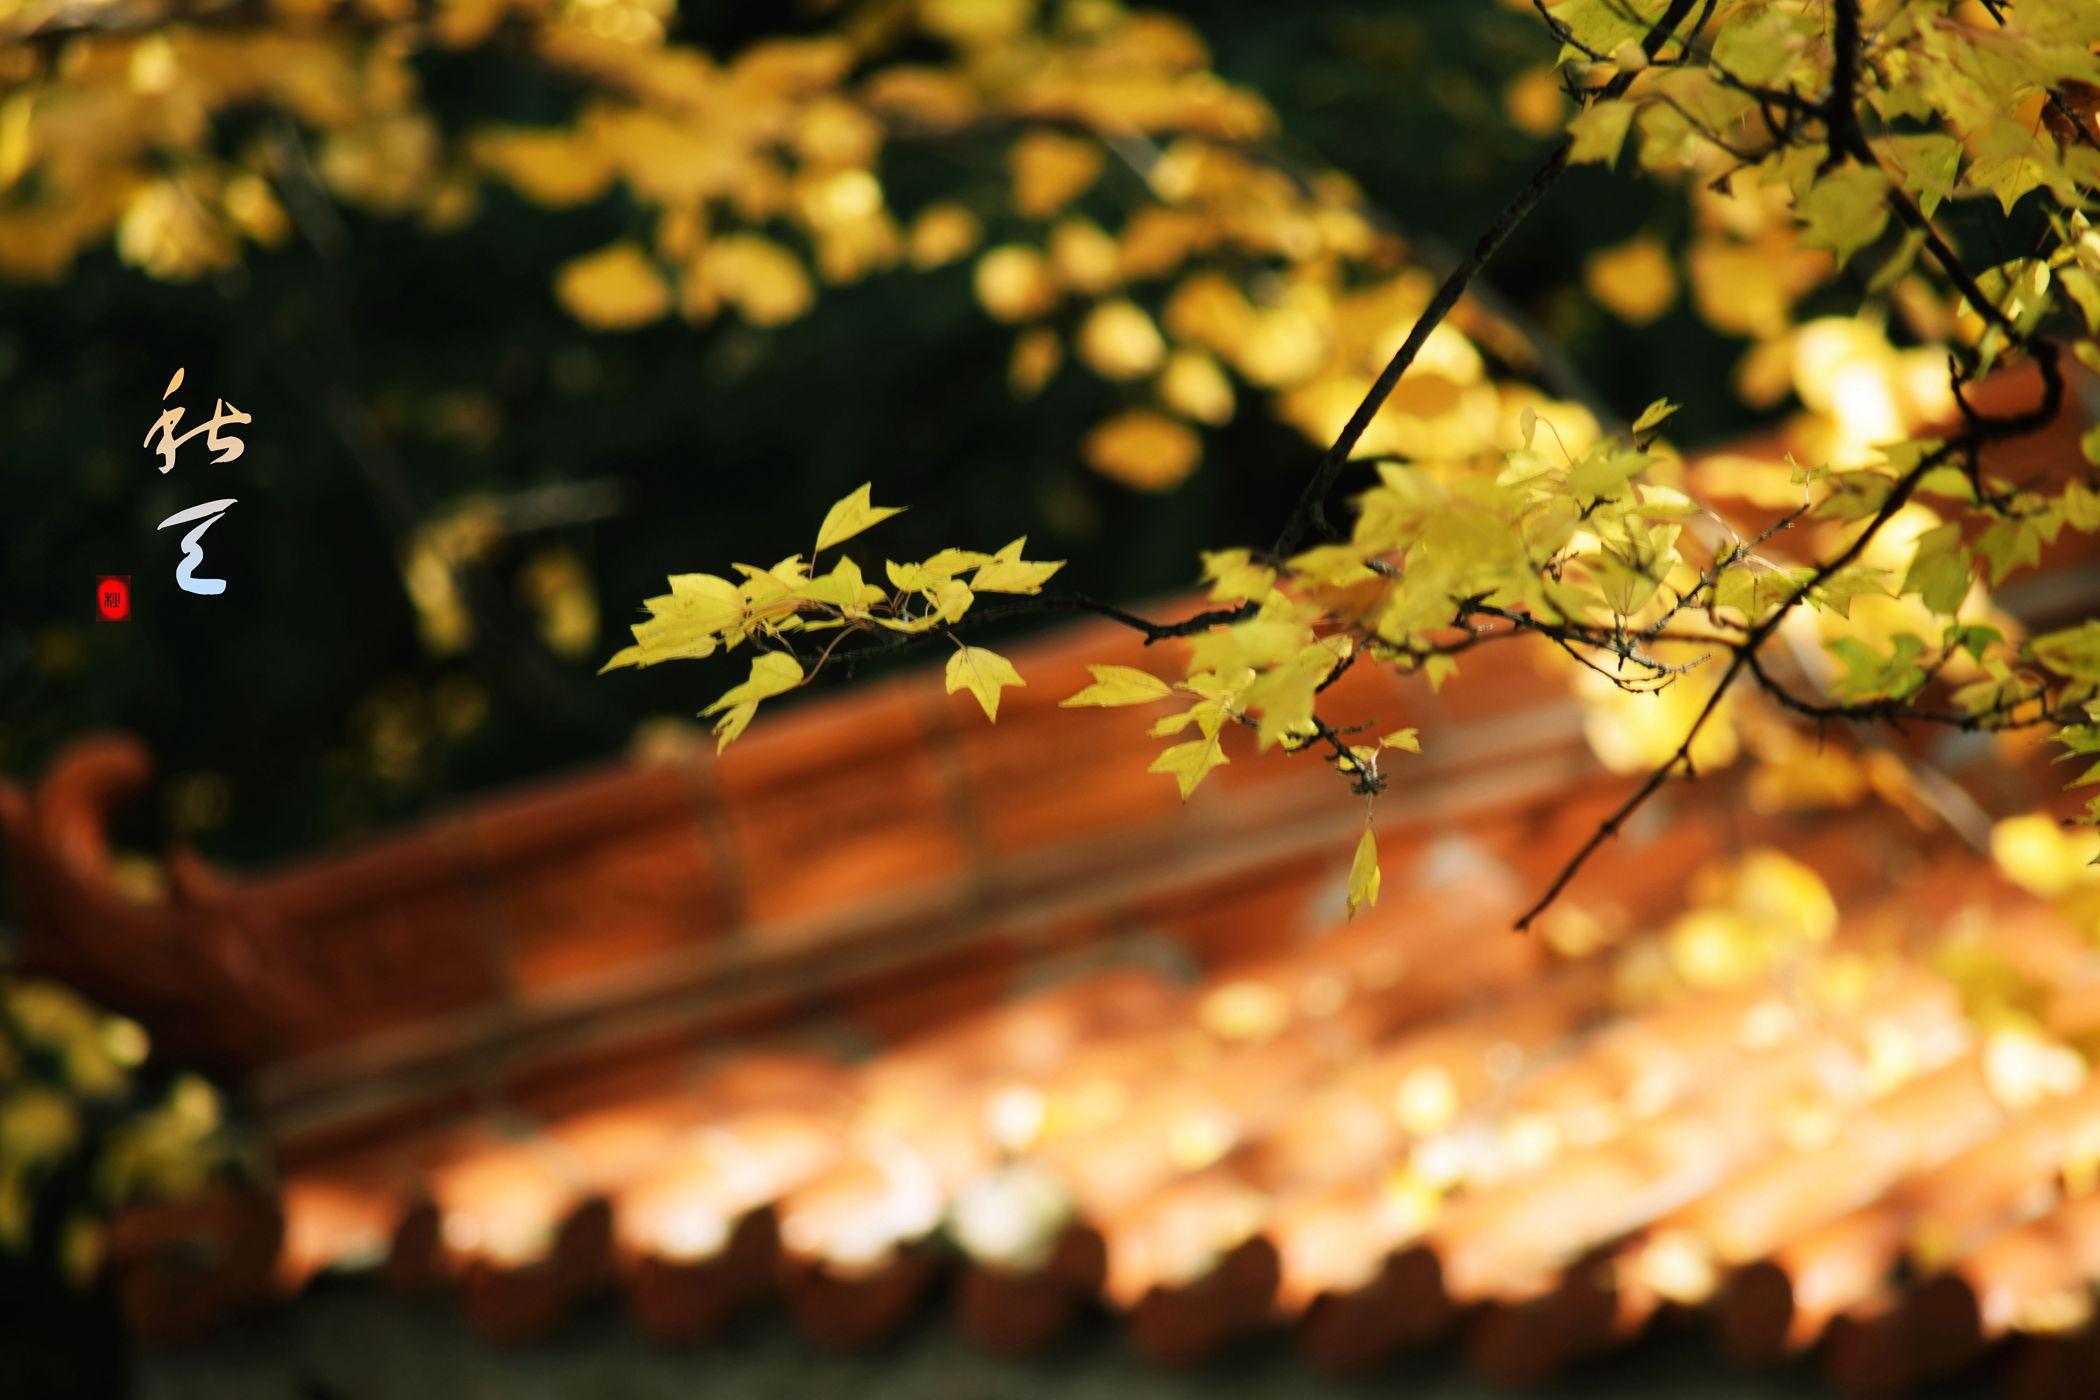 长江0081234作品:秋天